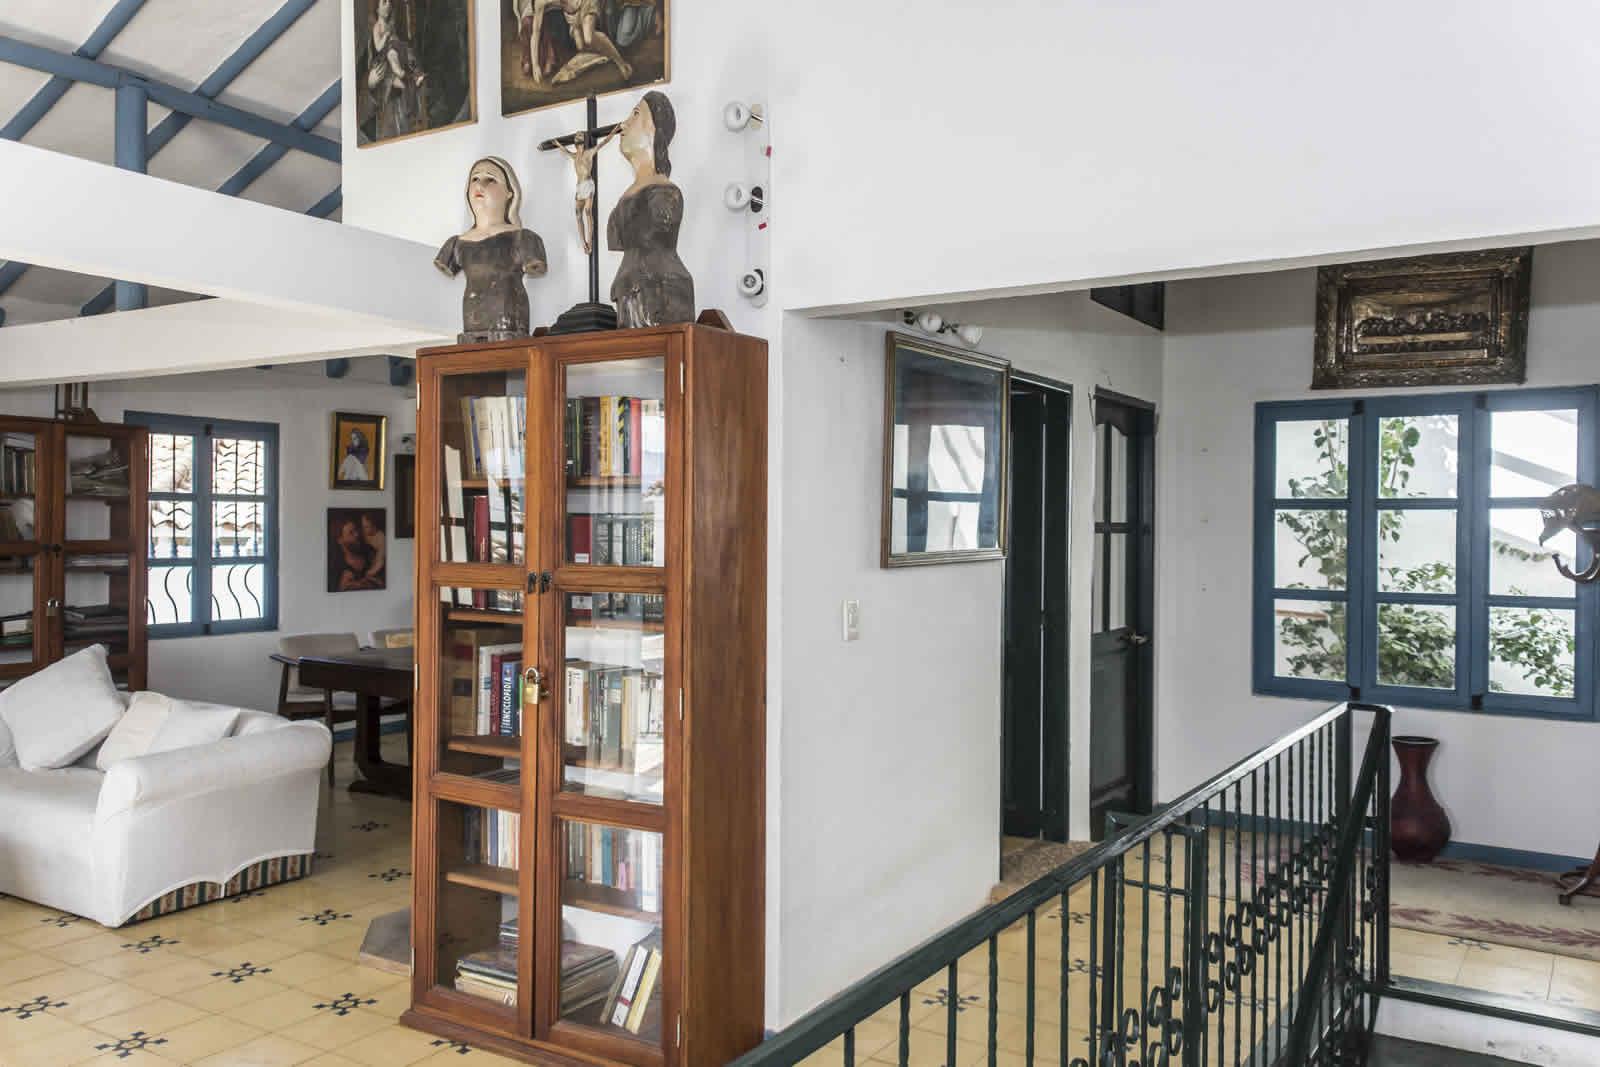 Alquiler casa Tulato Villa de Leyva segundo piso